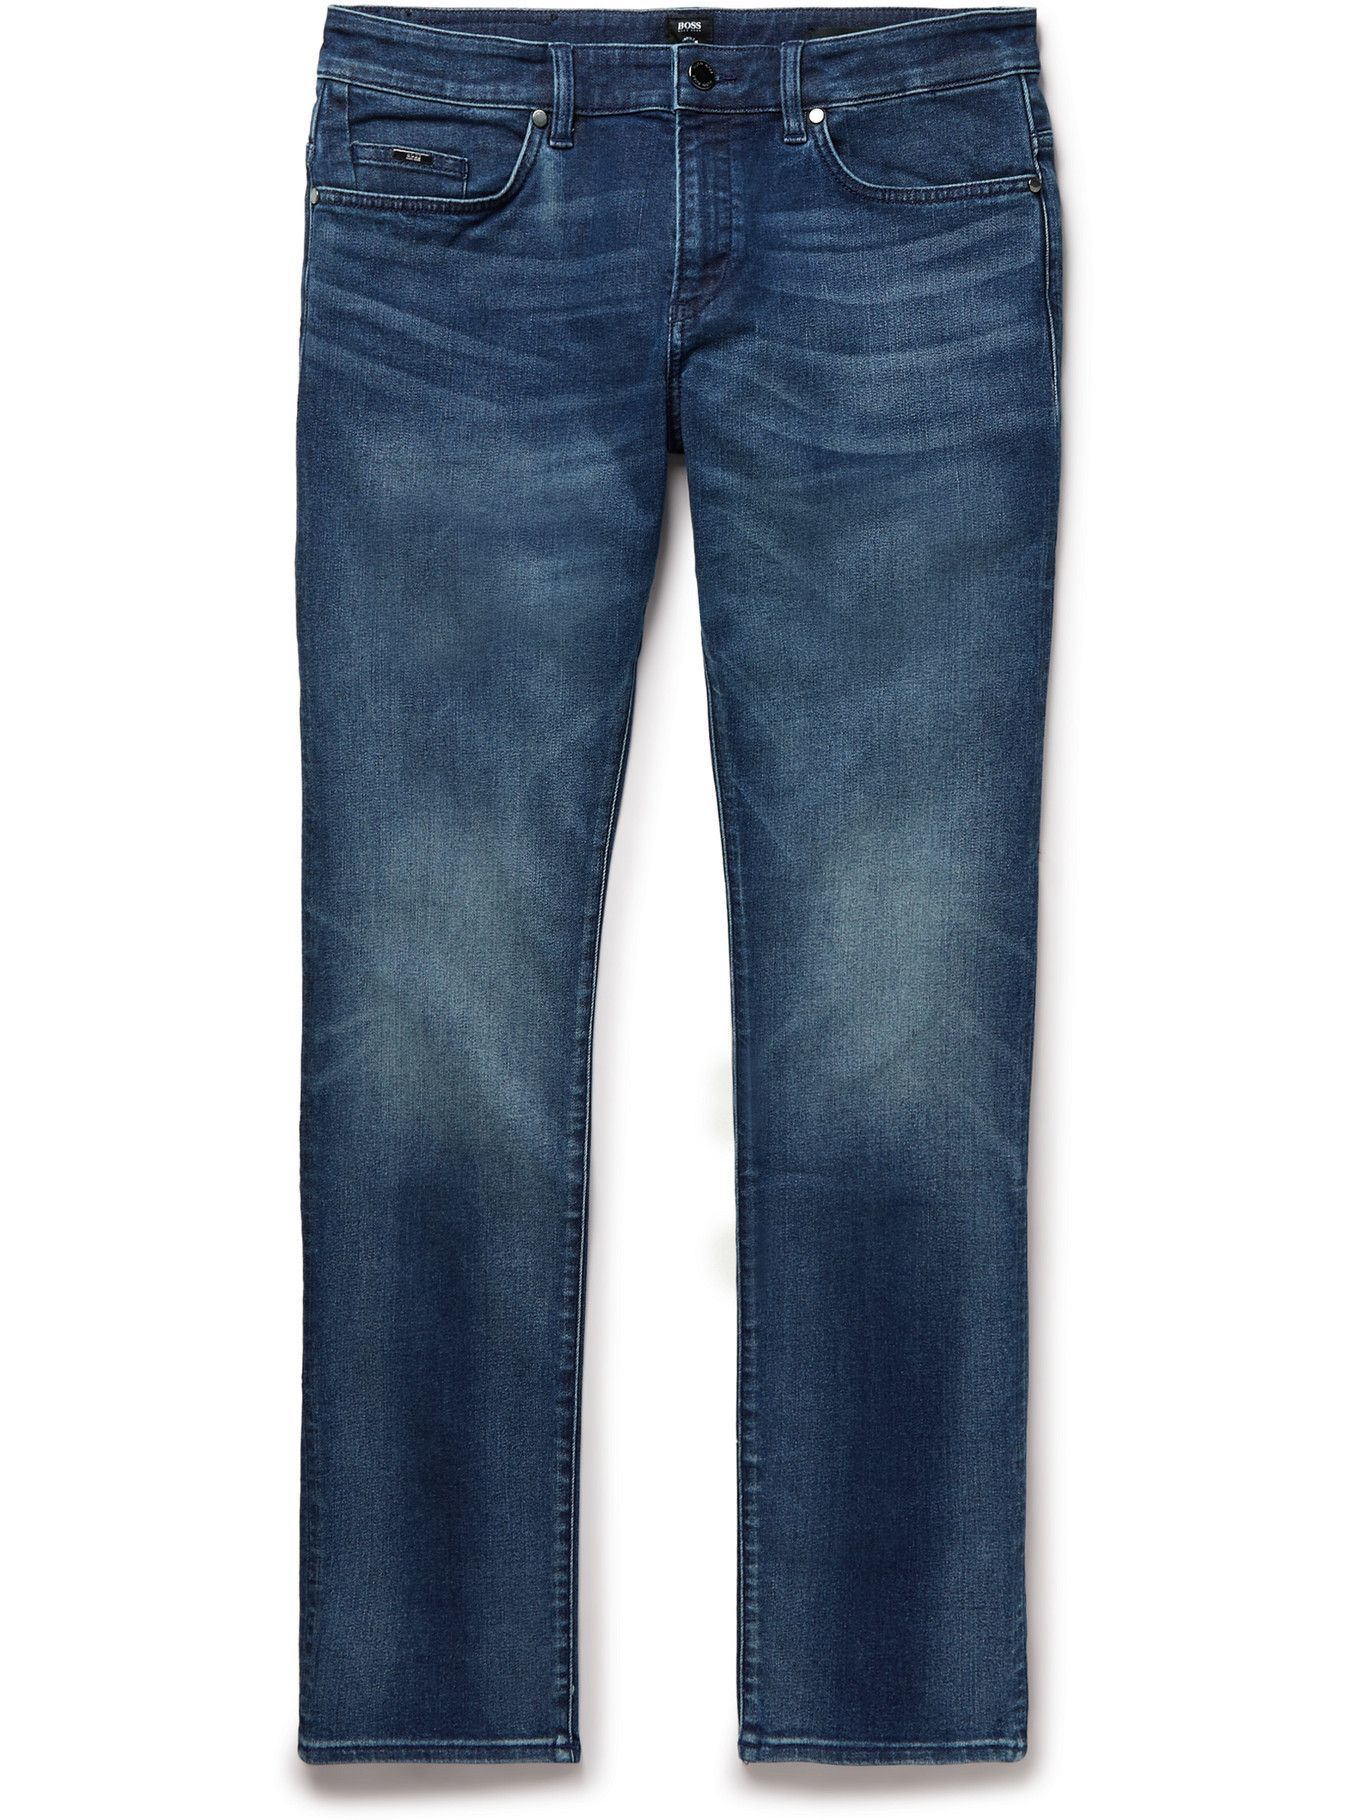 HUGO BOSS - Delaware Slim-Fit Jeans - Blue